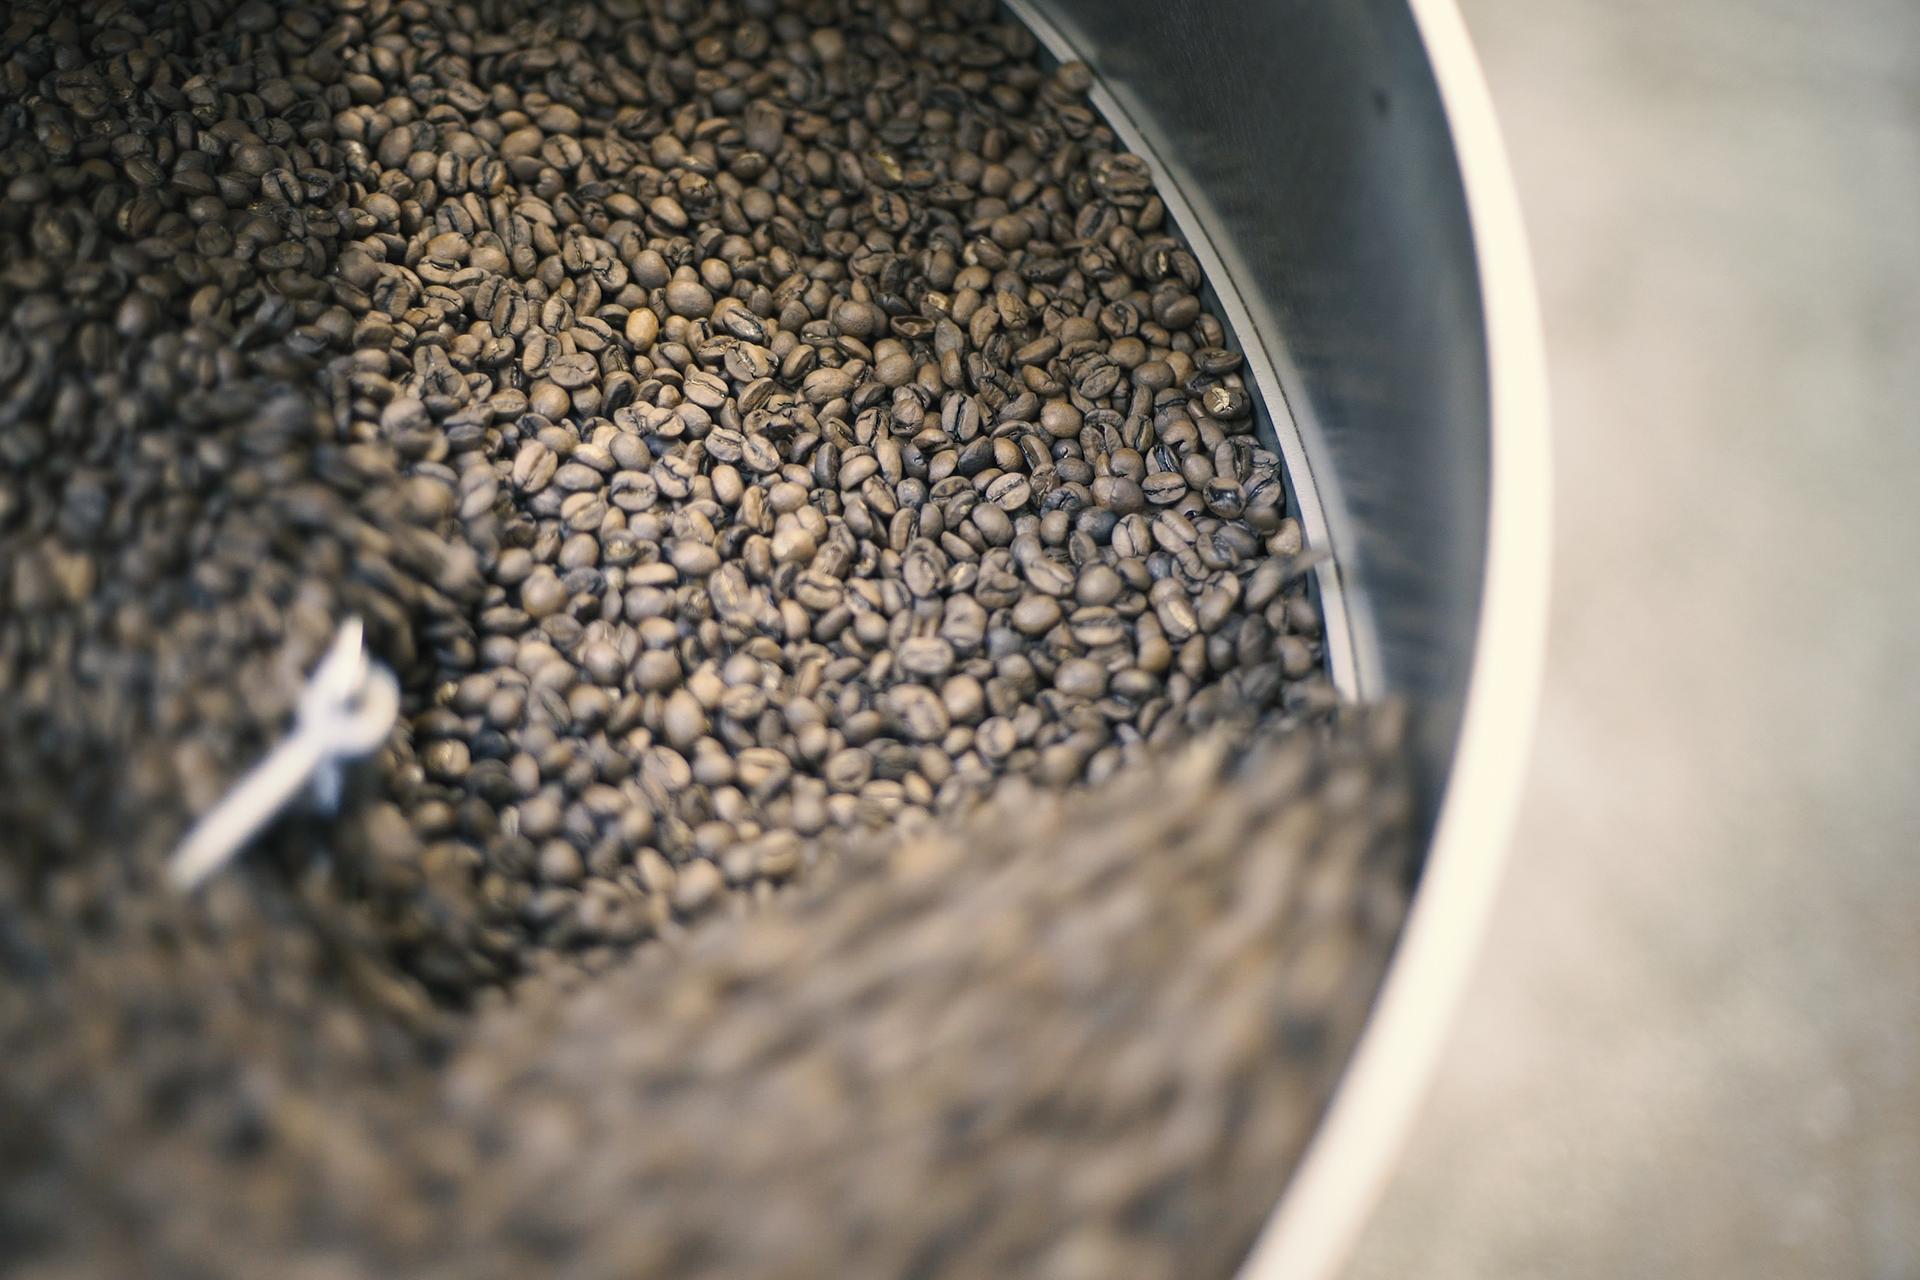 Gros plan sur des grains de café lors de la torréfaction